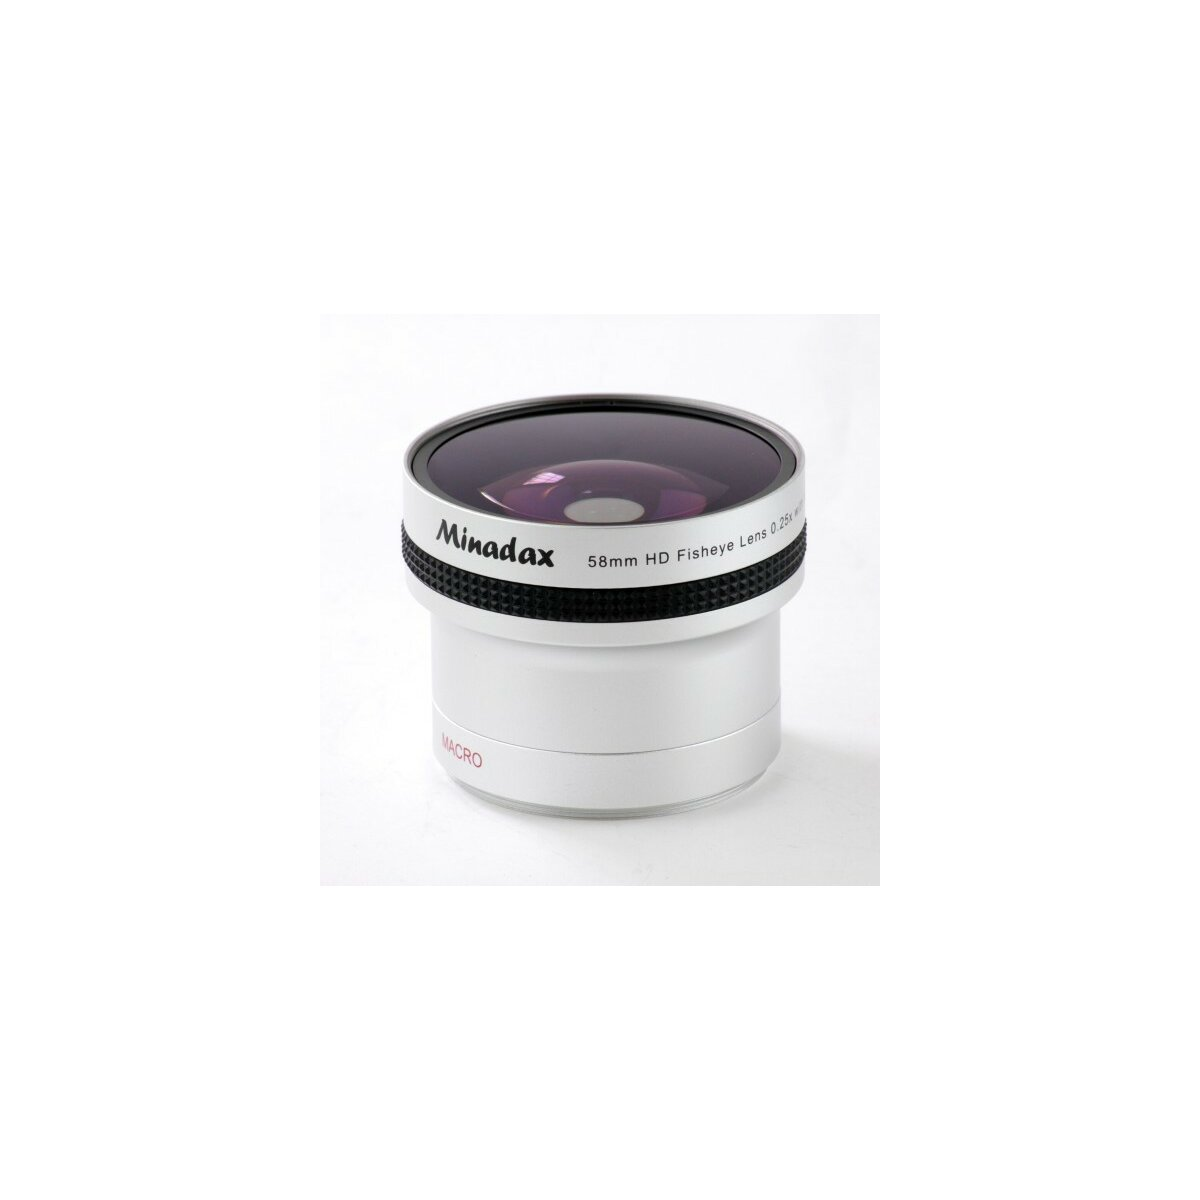 0.25x Minadax Fisheye Vorsatz kompatibel mit Sony DSC-H1, DSC-H2, DSC-H3, DSC-H5, DSC-H10, DSC-F707, DSC-F717, DSC-F828 -in silber